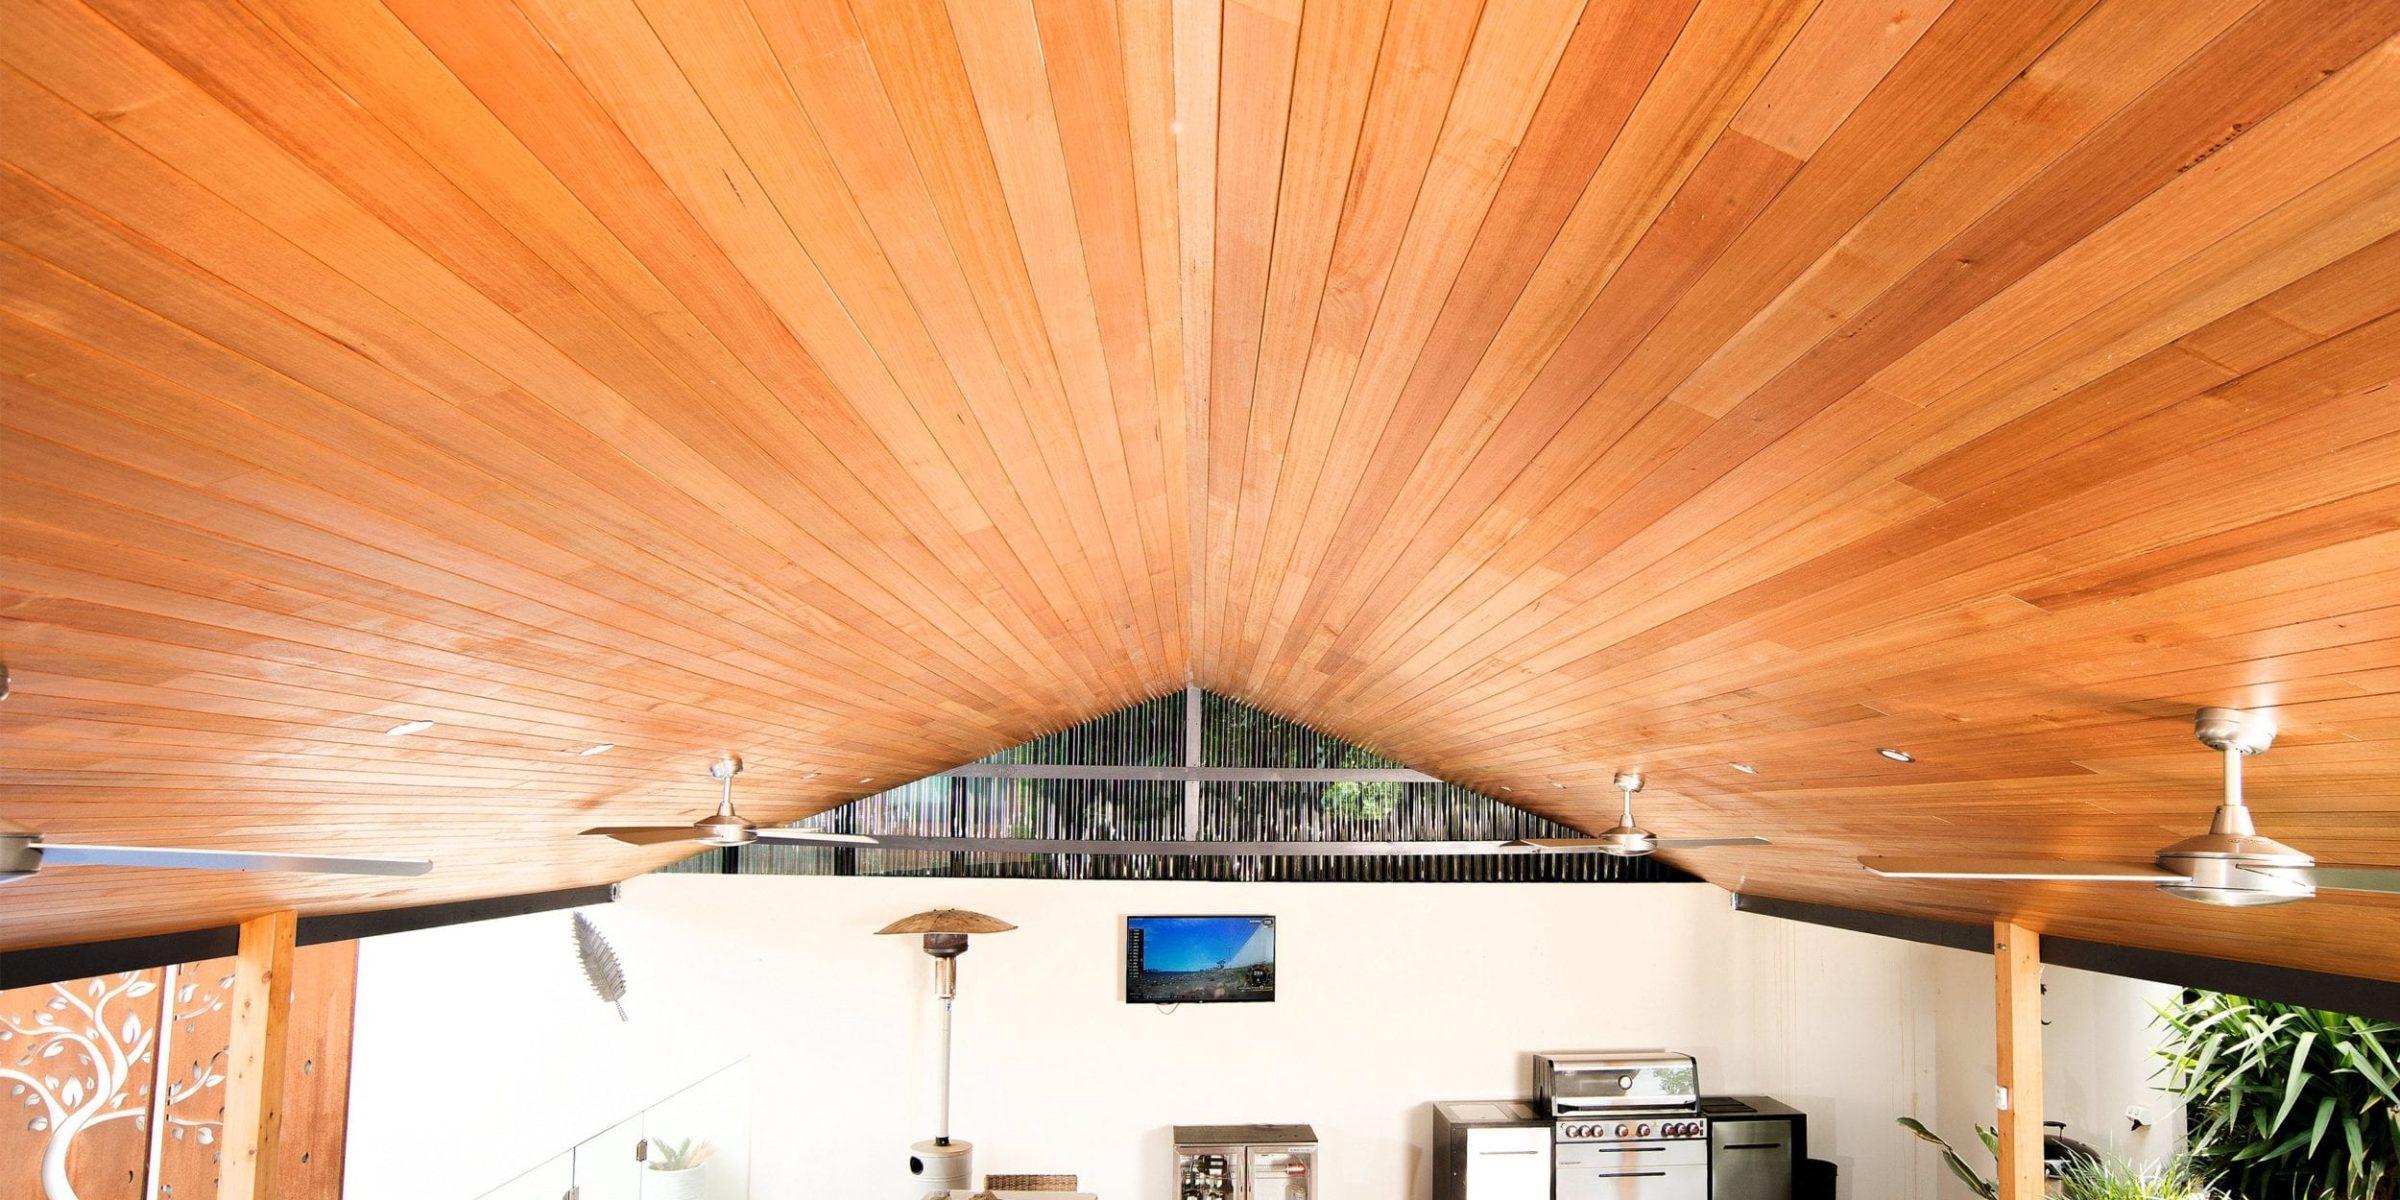 Tasmanian Oak ceiling